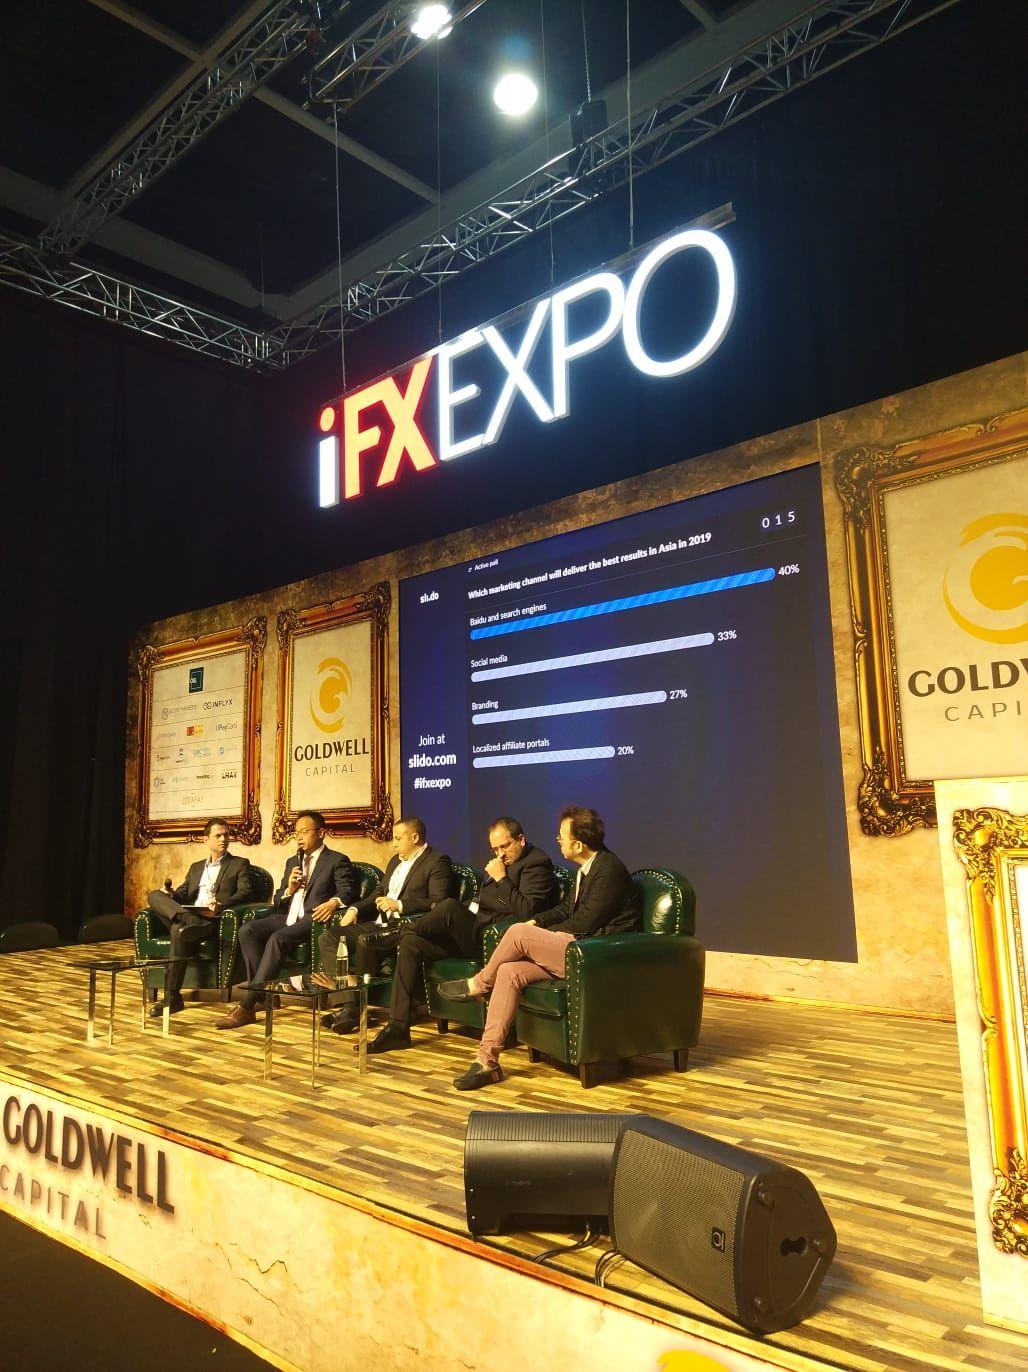 Expo asia crypto